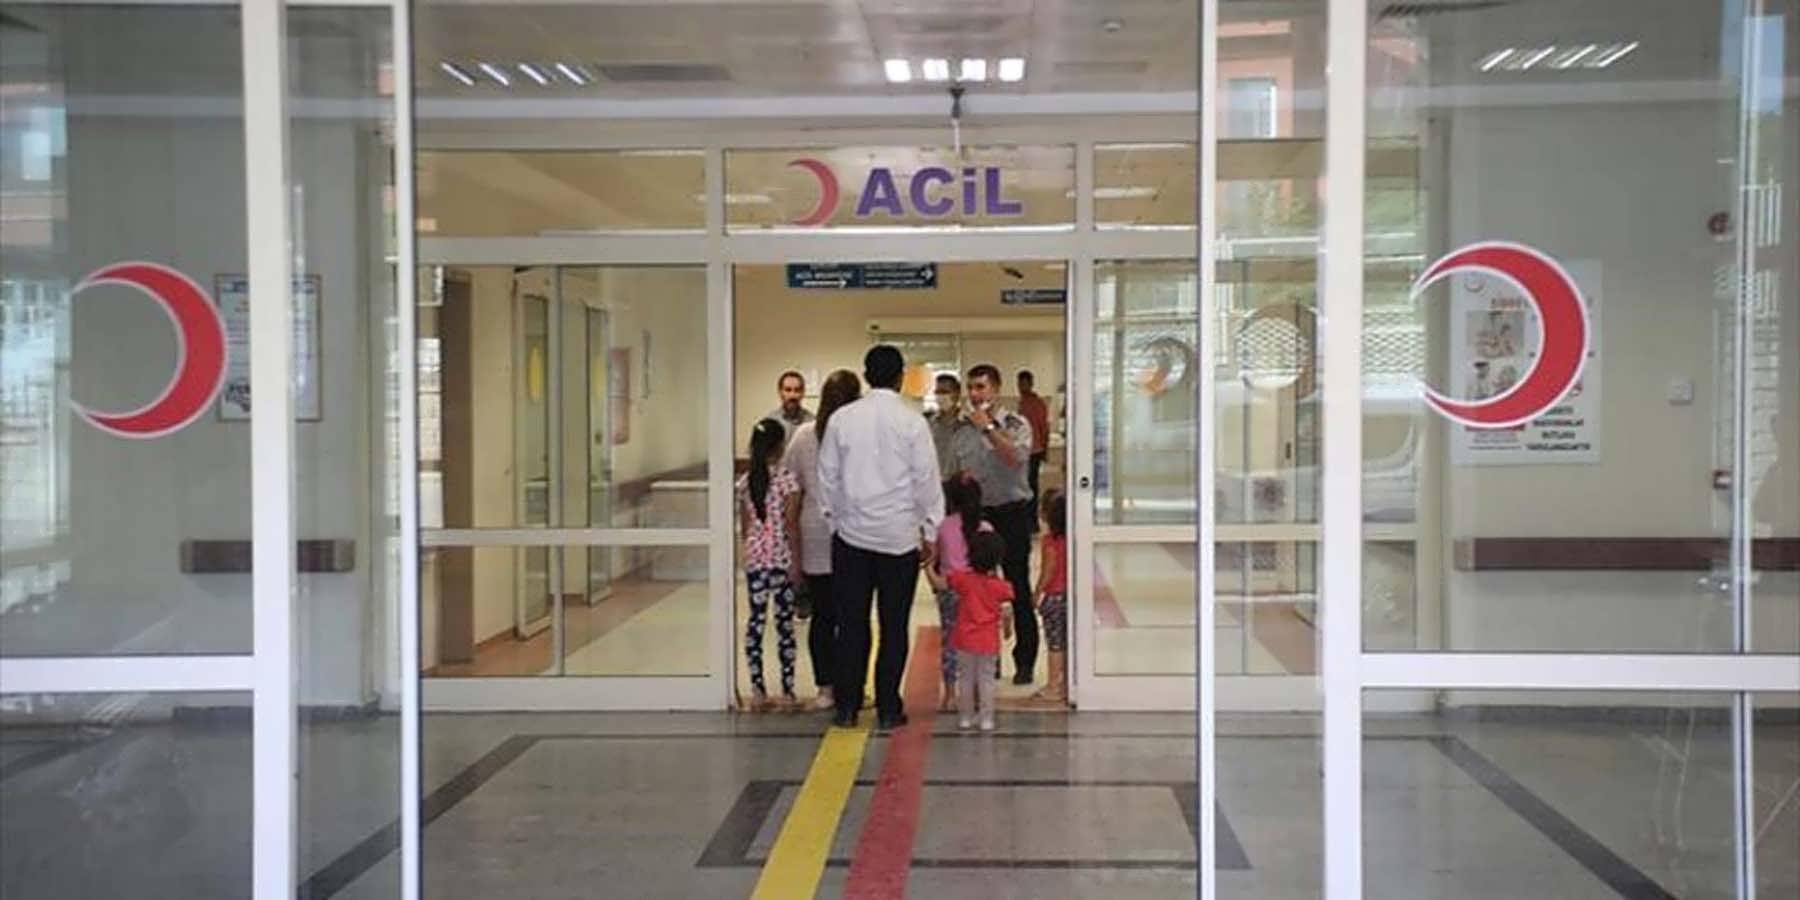 Özel Hastanelerde Ücretsiz Doğum İçin Düğmeye Basıldı